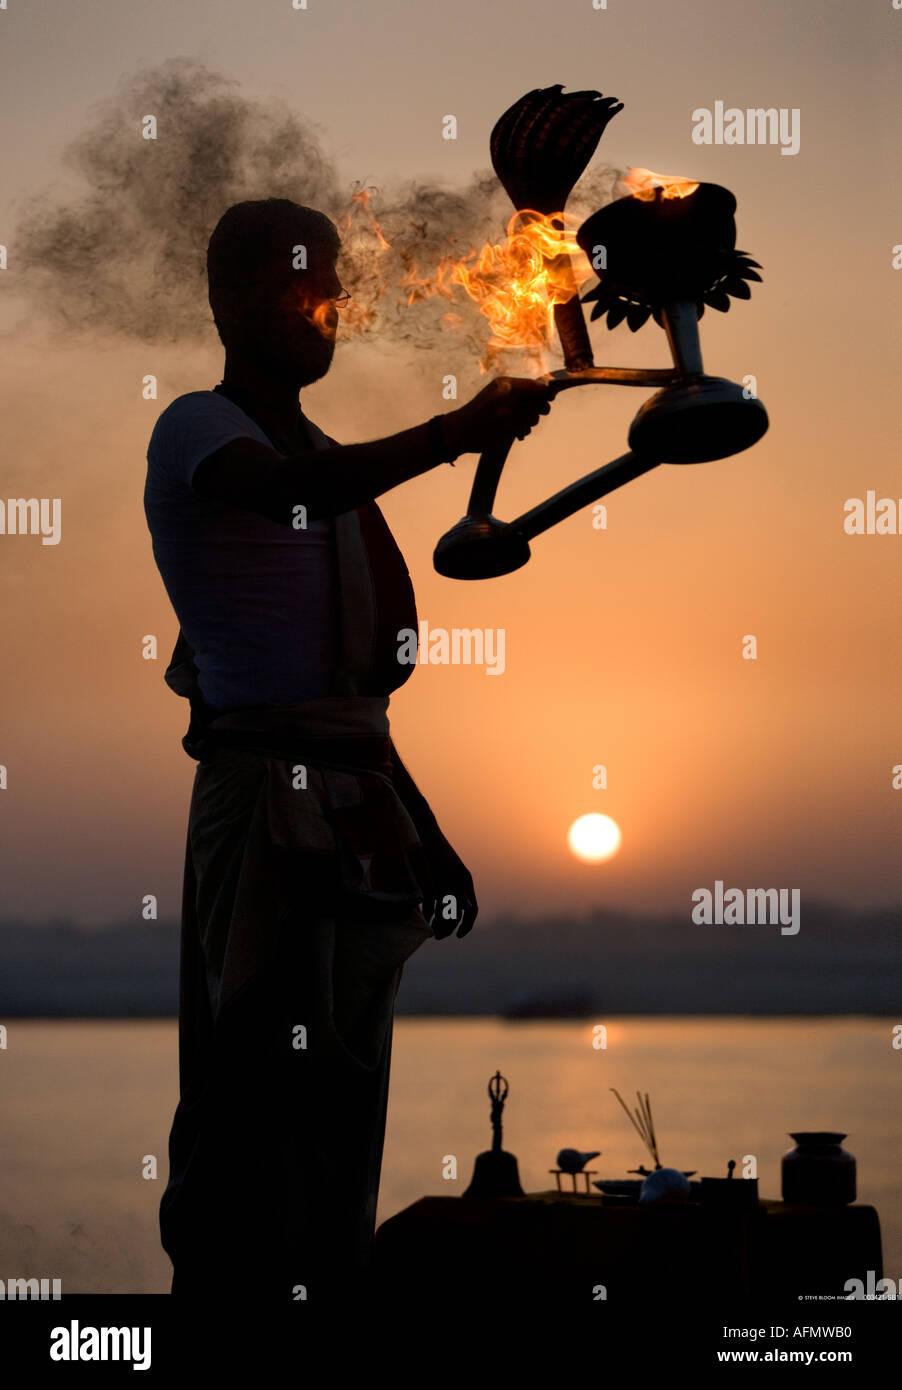 Hombre santo hindú realizar una ceremonia religiosa puja para celebrar el amanecer en las orillas del Ganges Imagen De Stock